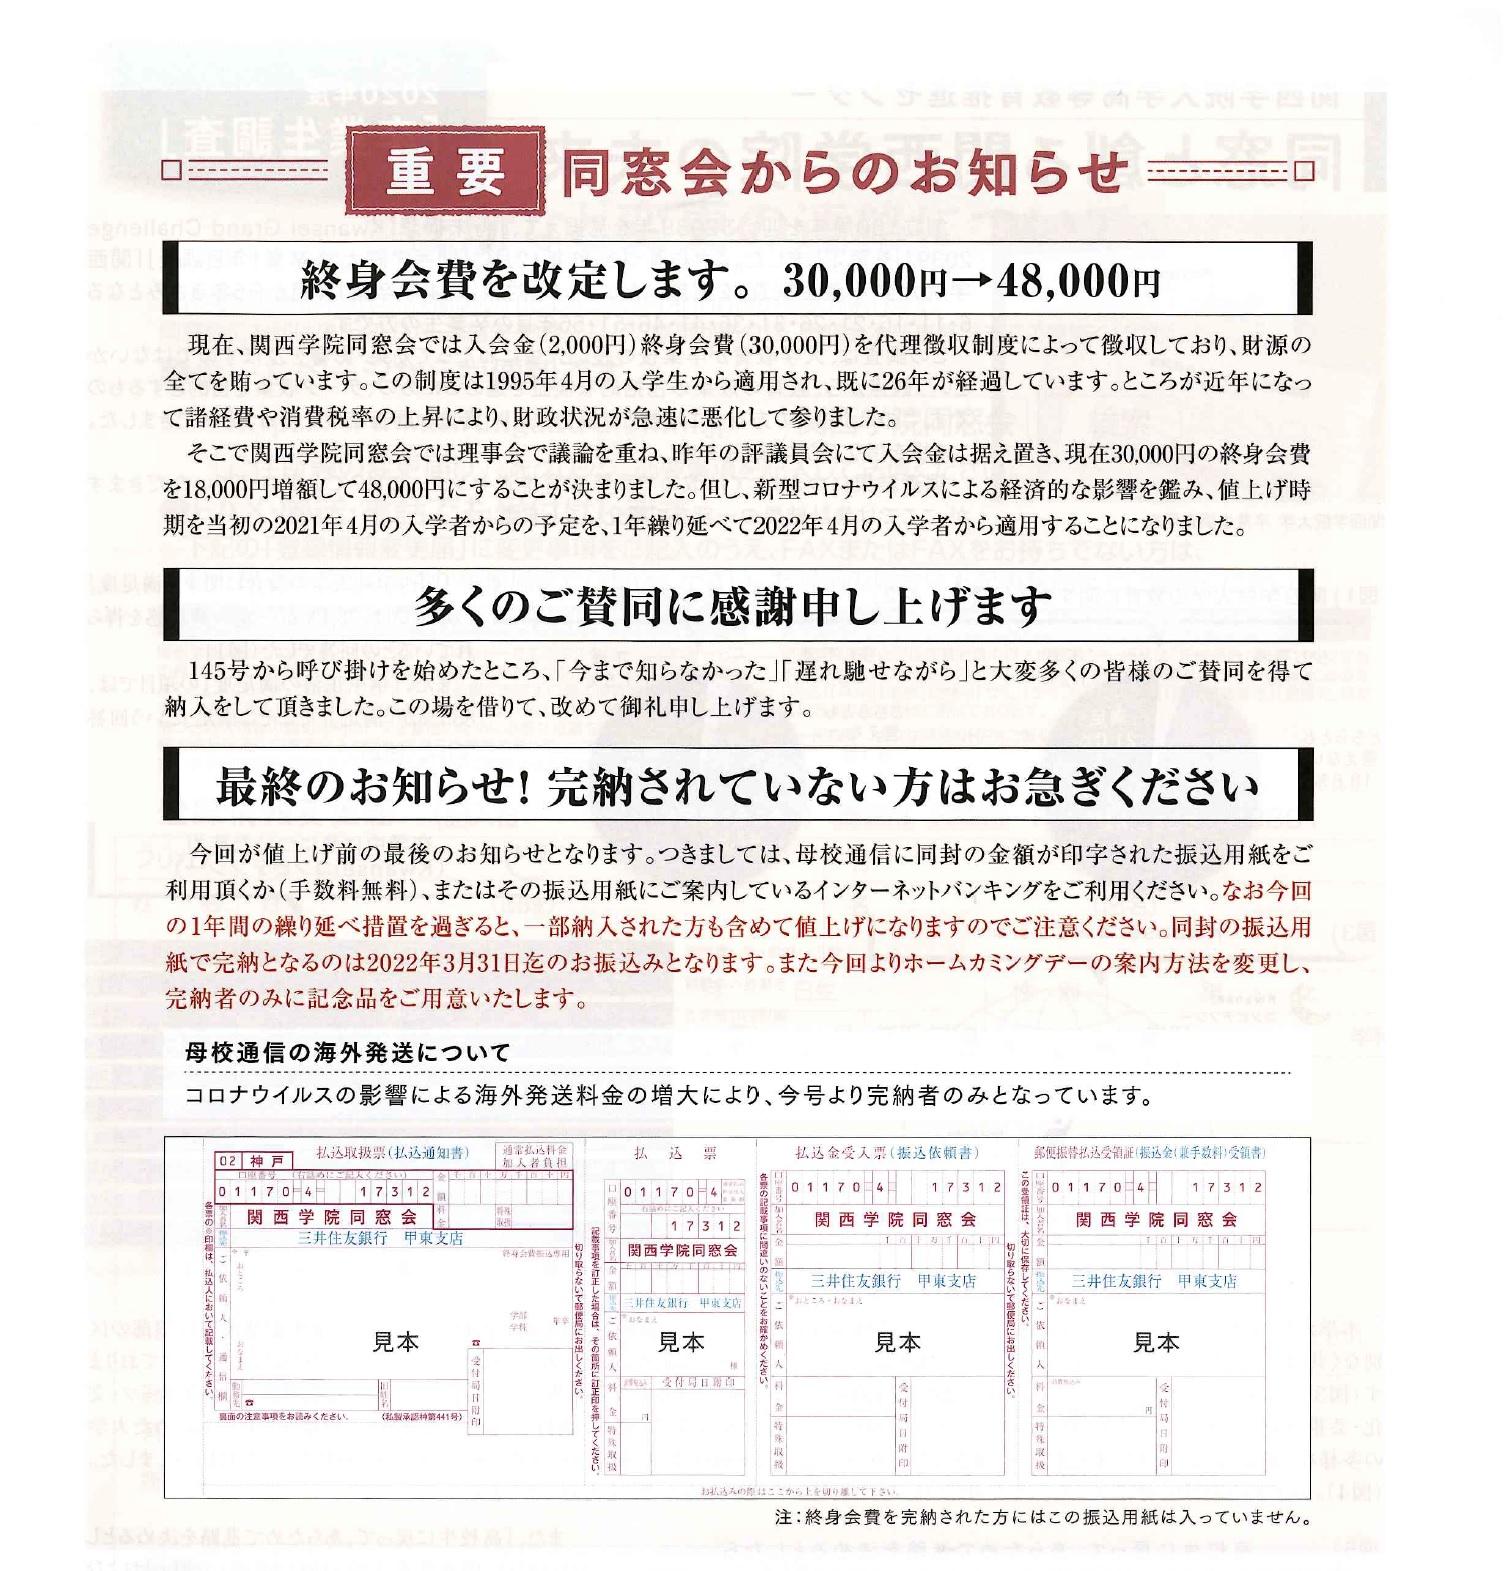 【終身会費改定のお知らせ】